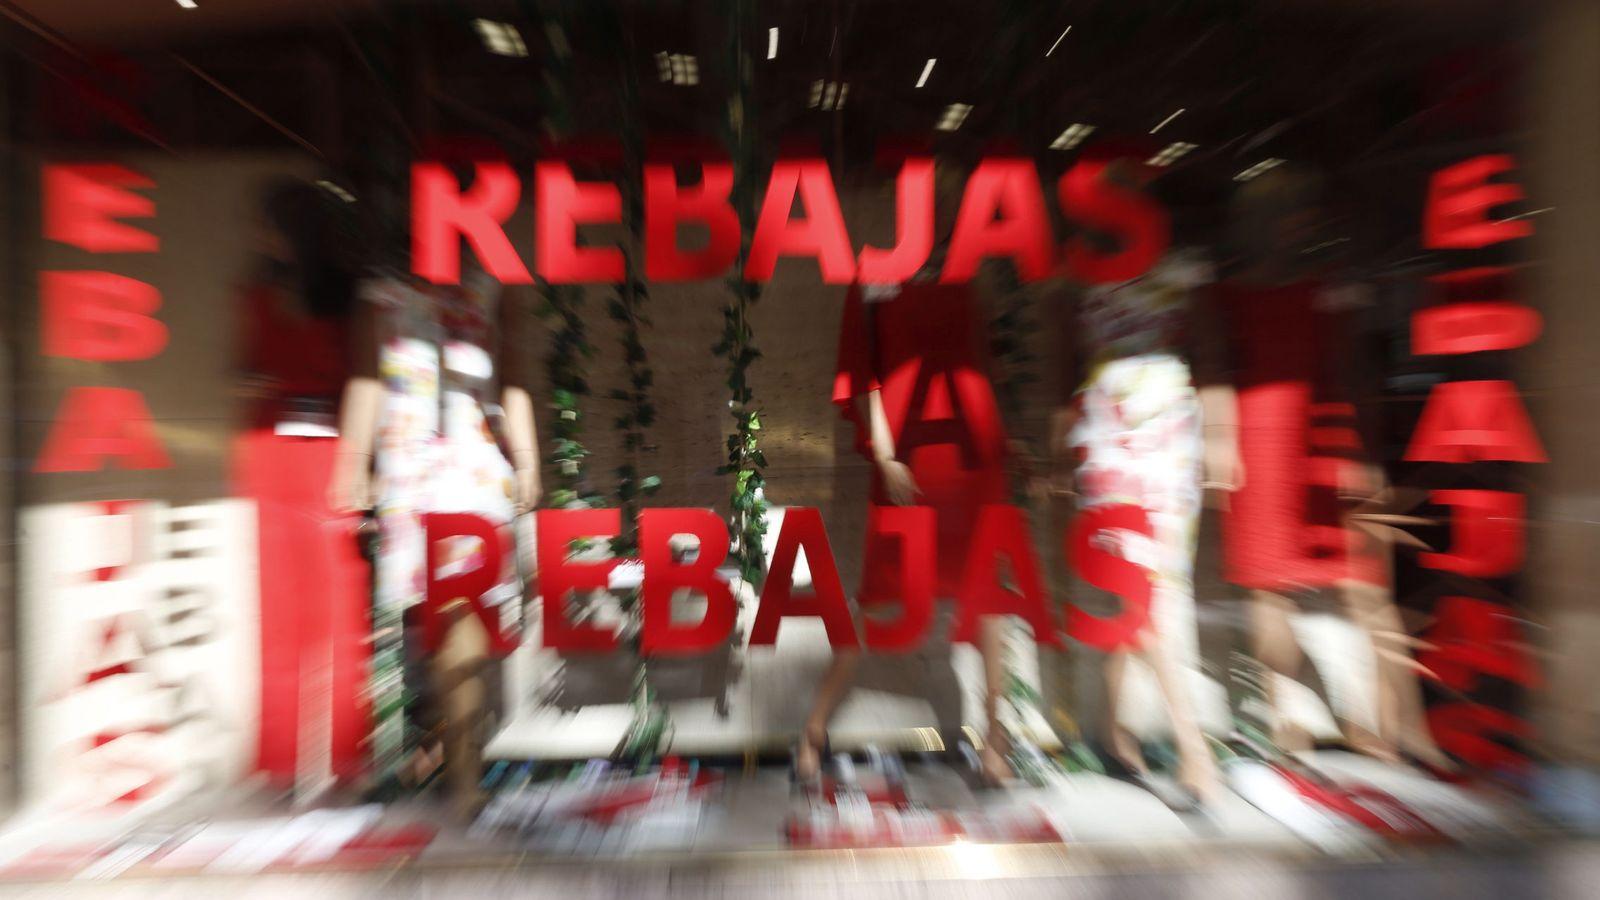 8011b81f Rebajas: Mid season sales, Black Friday... La moda sucumbe a las rebajas  perpetuas